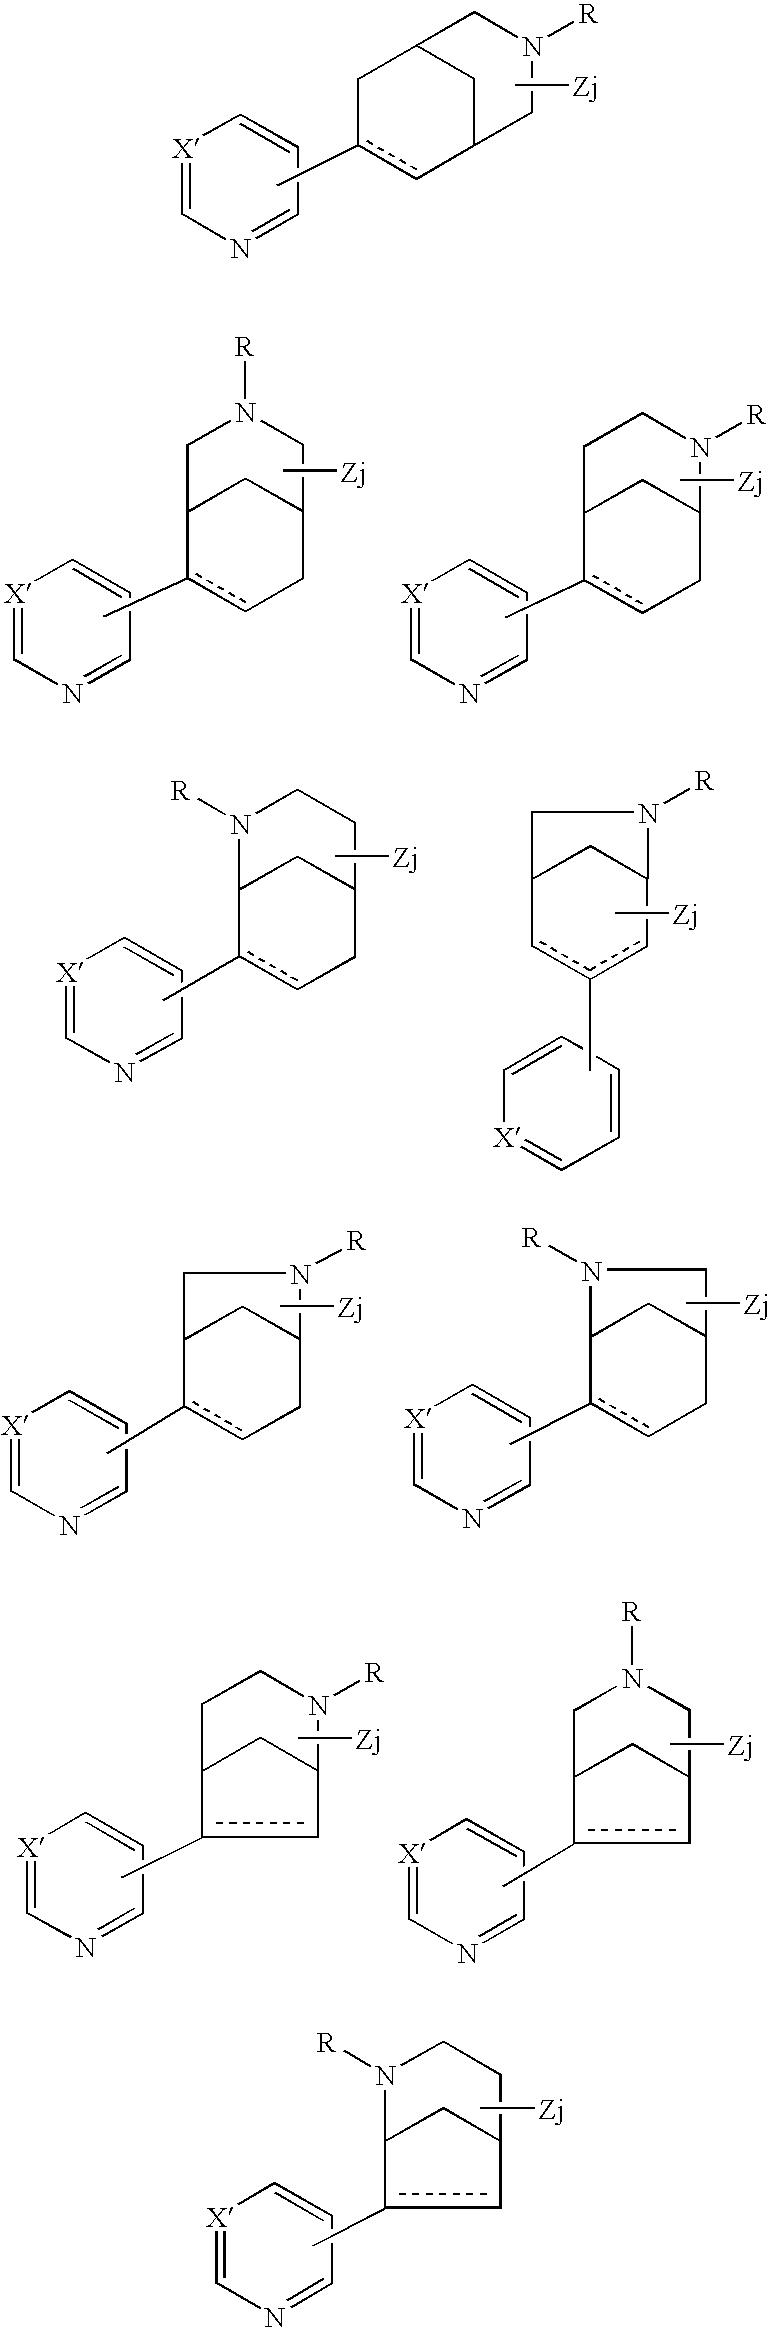 Figure US20050282823A1-20051222-C00020